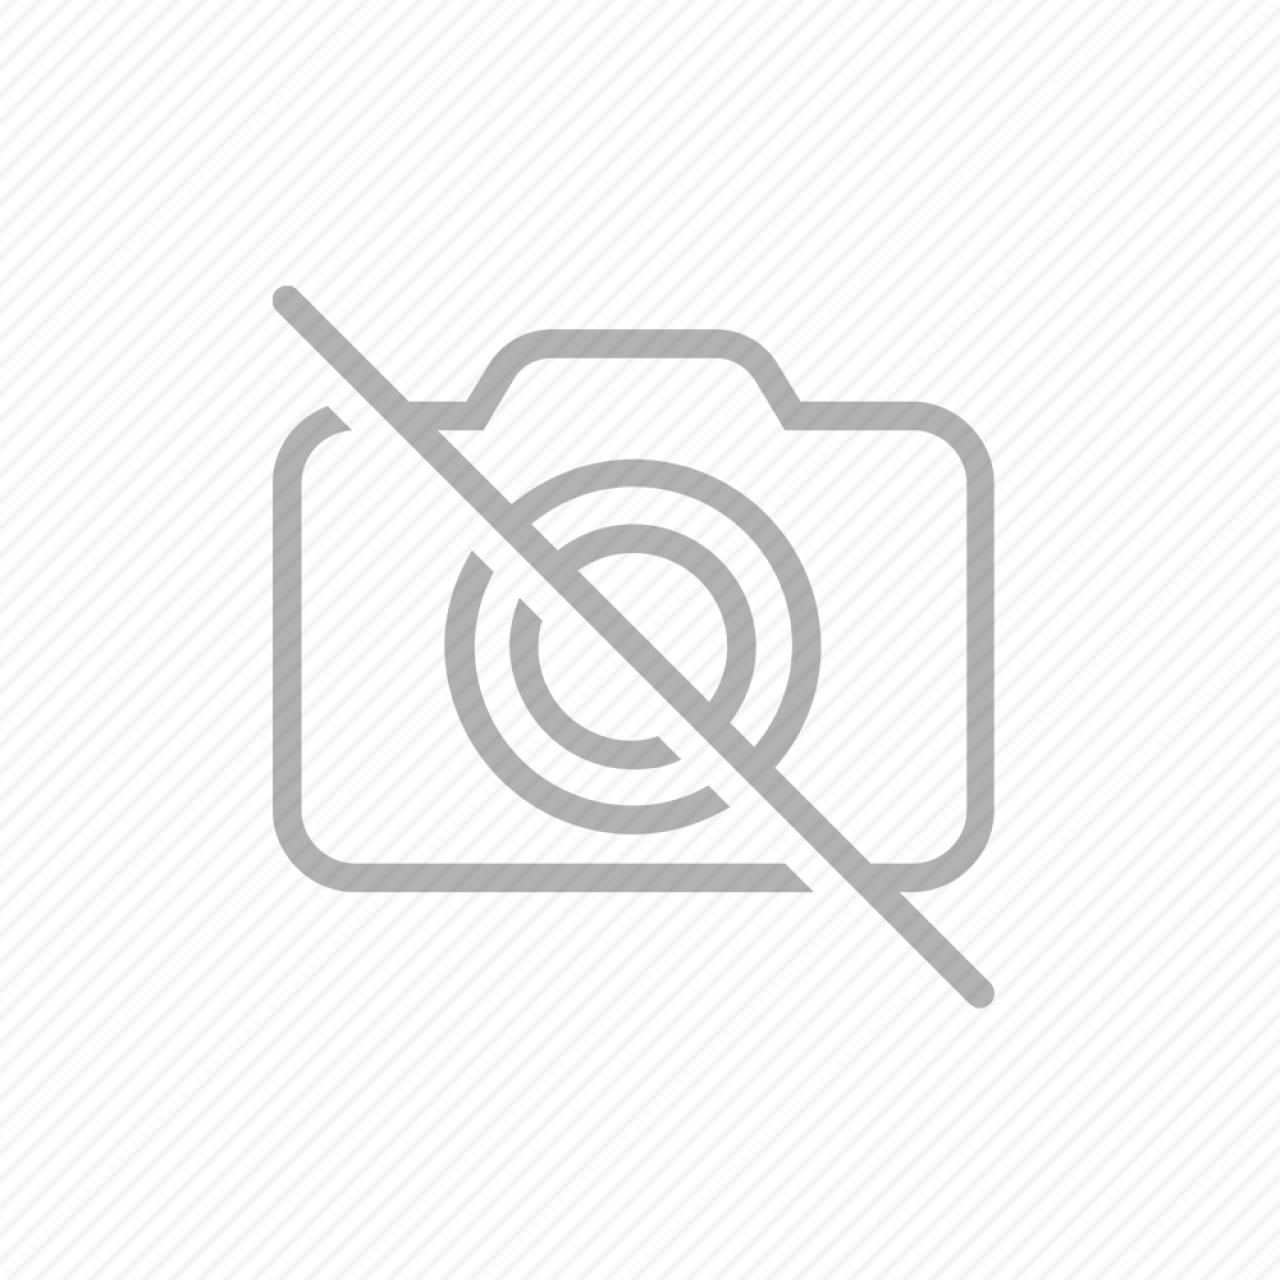 Γυναικεία δερμάτινα πέδιλα Tamaris - 1-28024-24-375 - Μπεζ